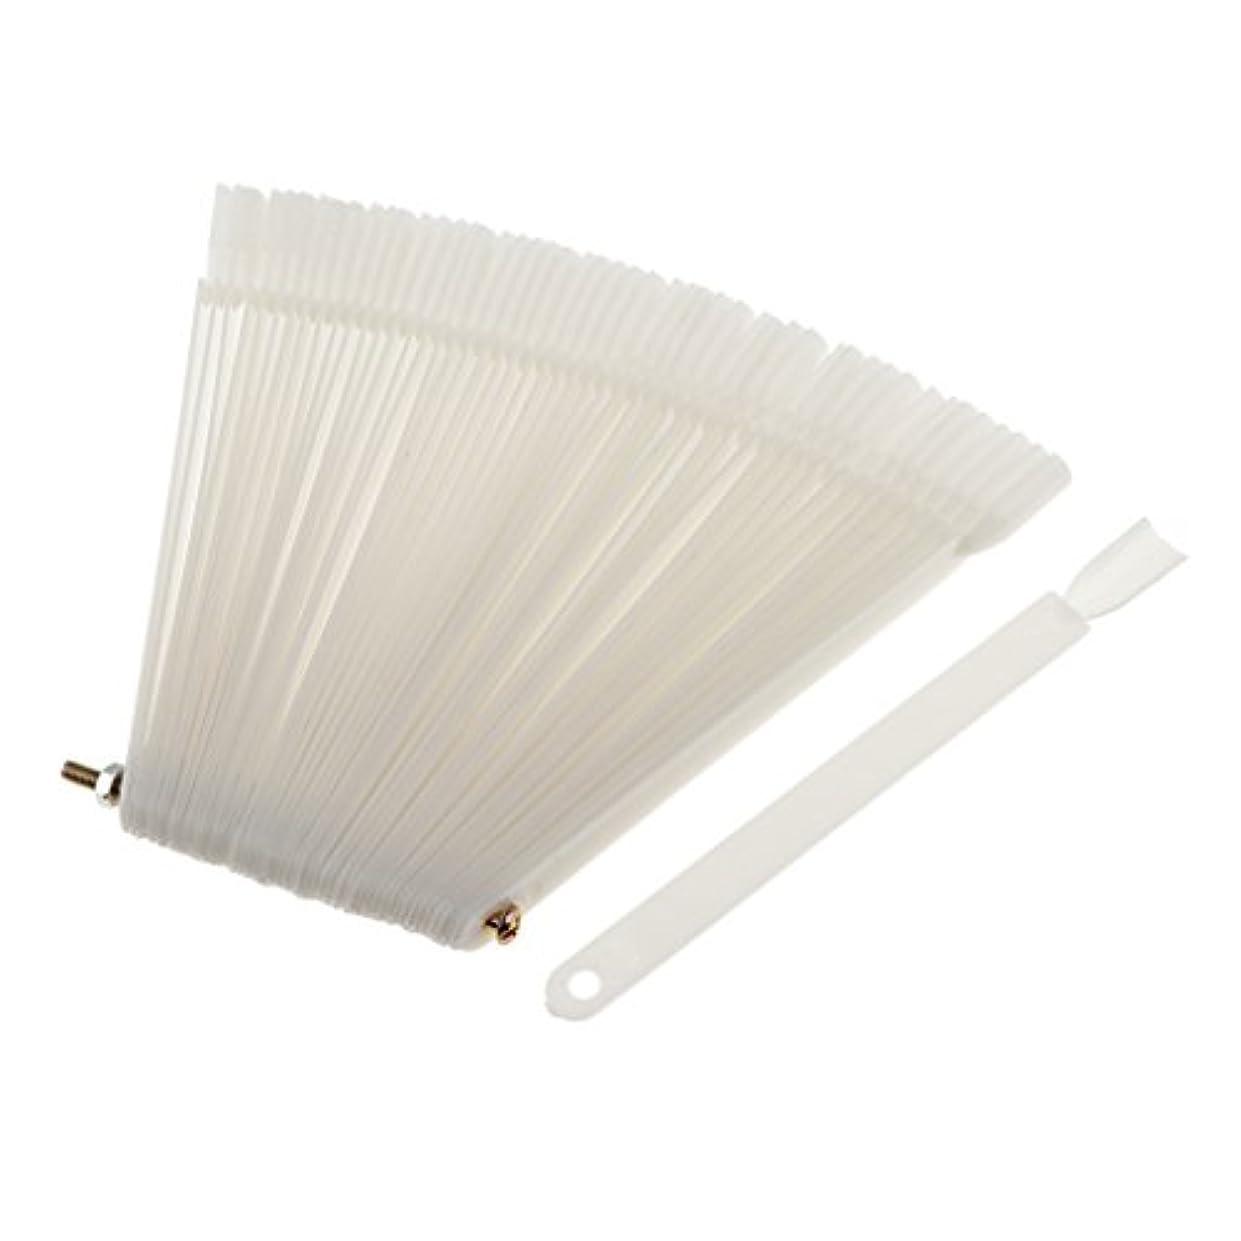 雑品感謝祭新鮮な約50ピース ネイルヒント 磨きネイルアートチップ ポップカラースティック ディスプレイ ファンキット 3色選べ - 白